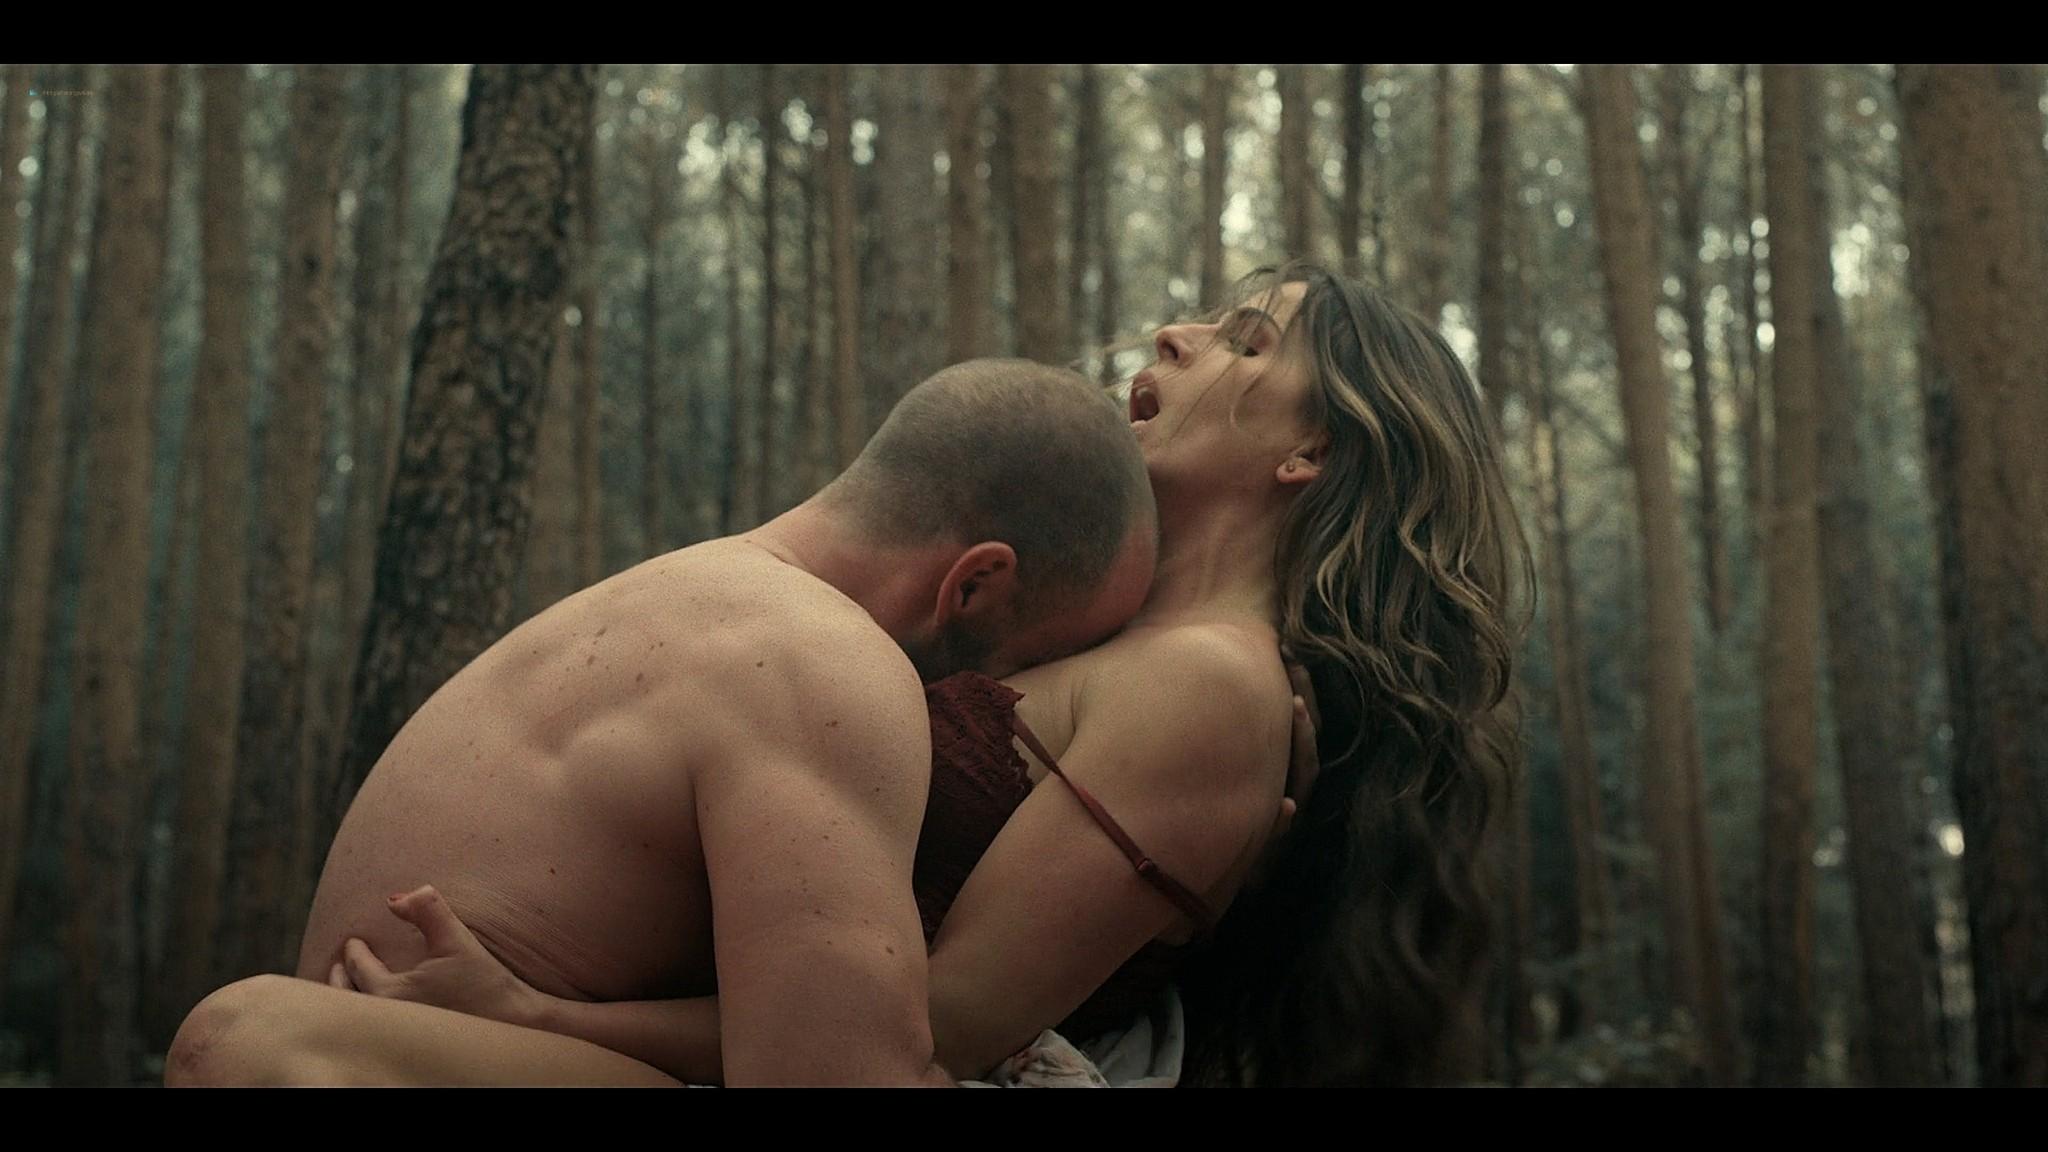 Maite Perroni nude sex Maria Fernanda Yepes Regina Pavon hot sex Dark Desire 2020 s1e1 2 HD 1080p Web 17